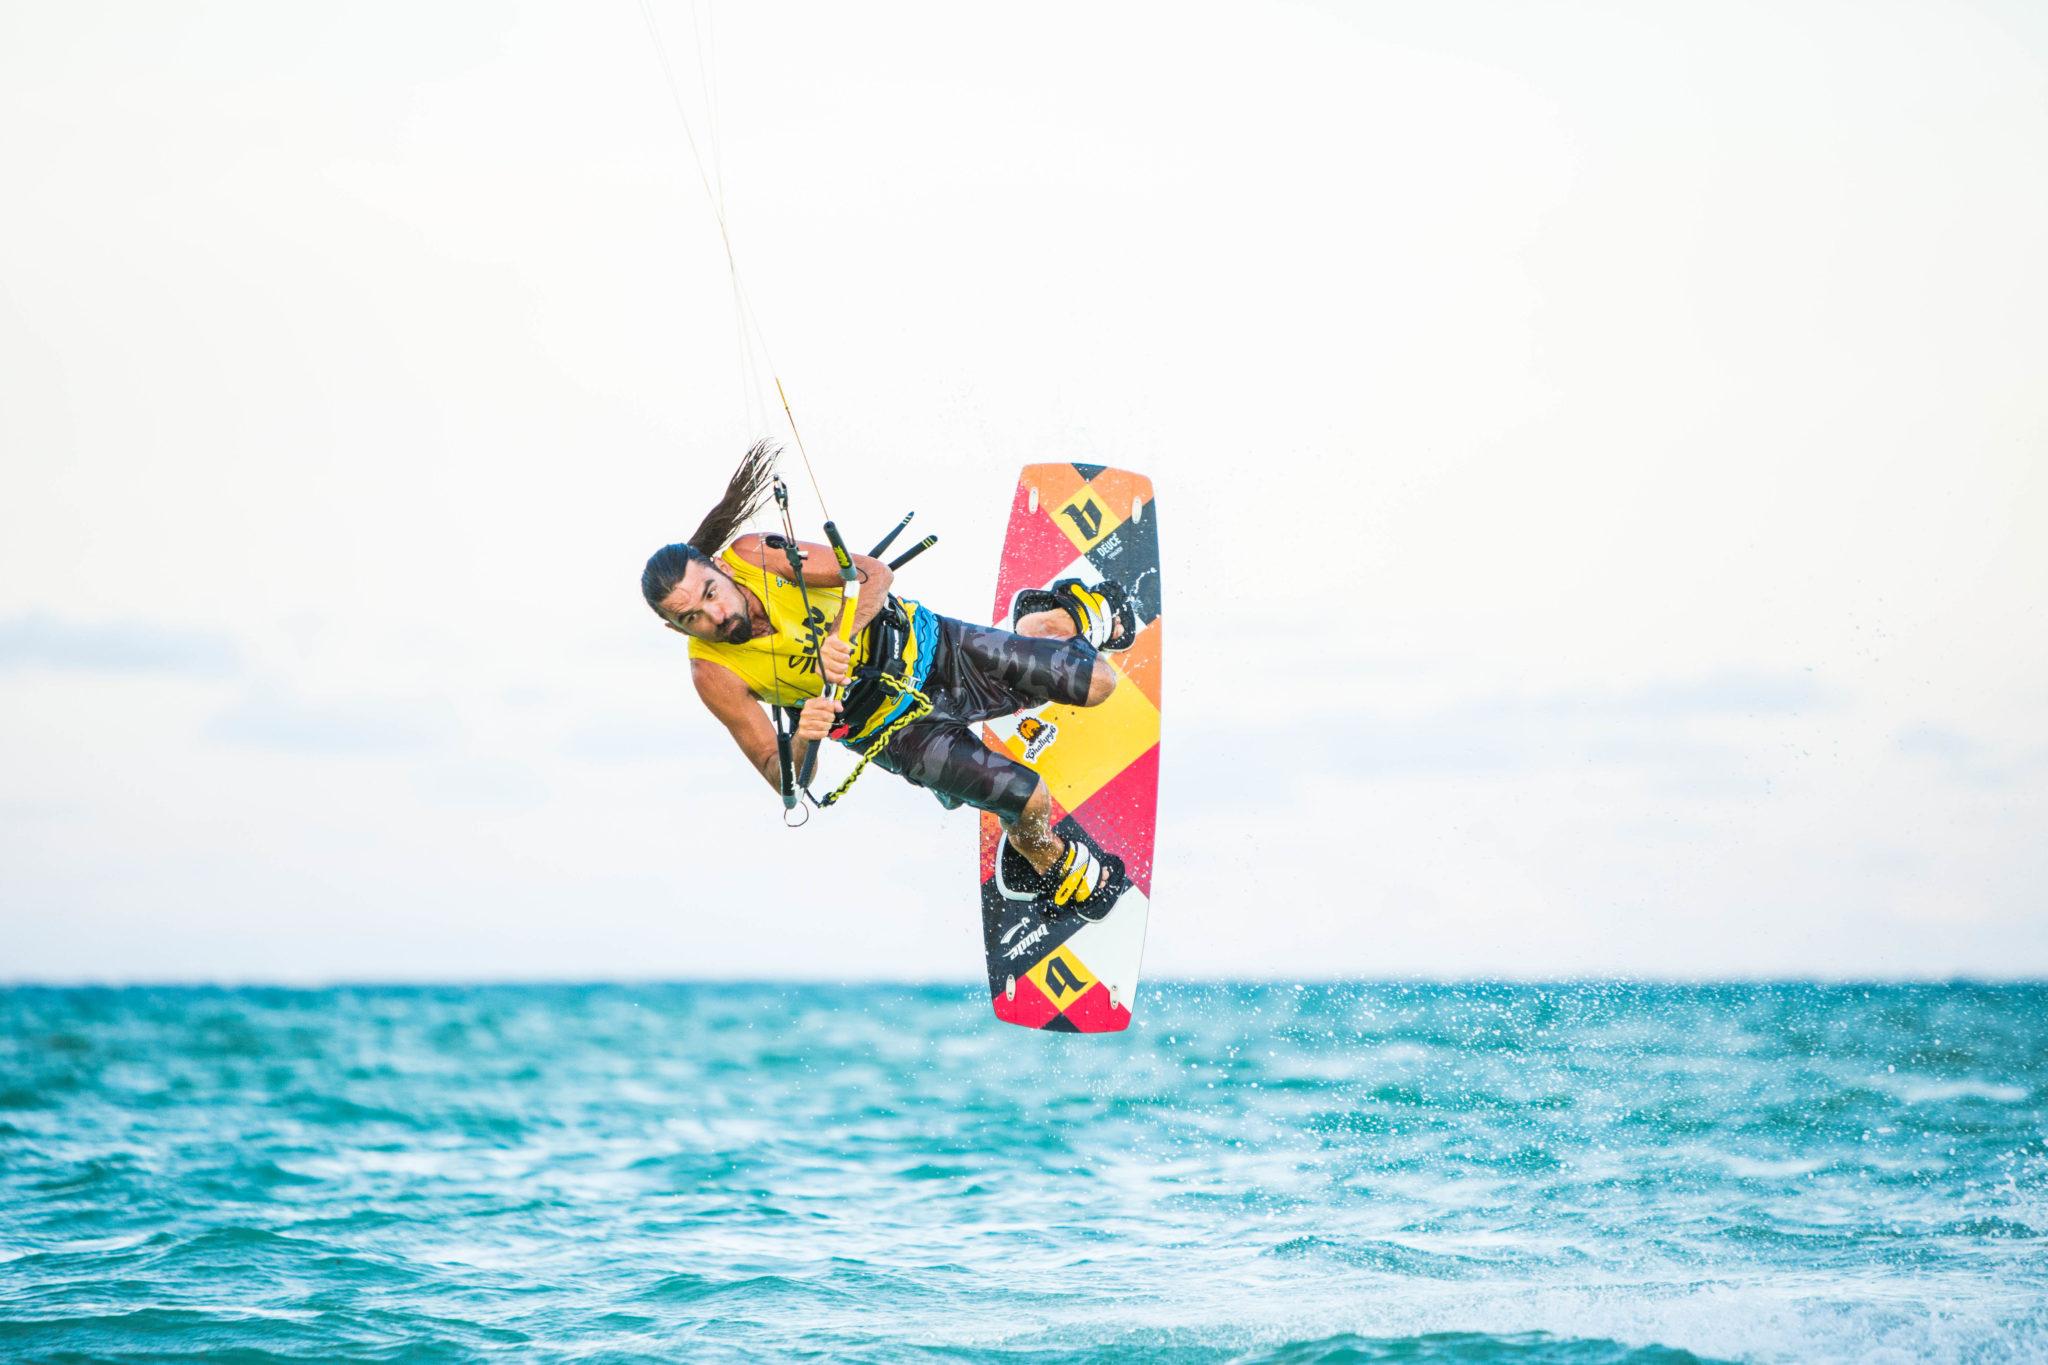 progress camp kitesurfing szkolenie